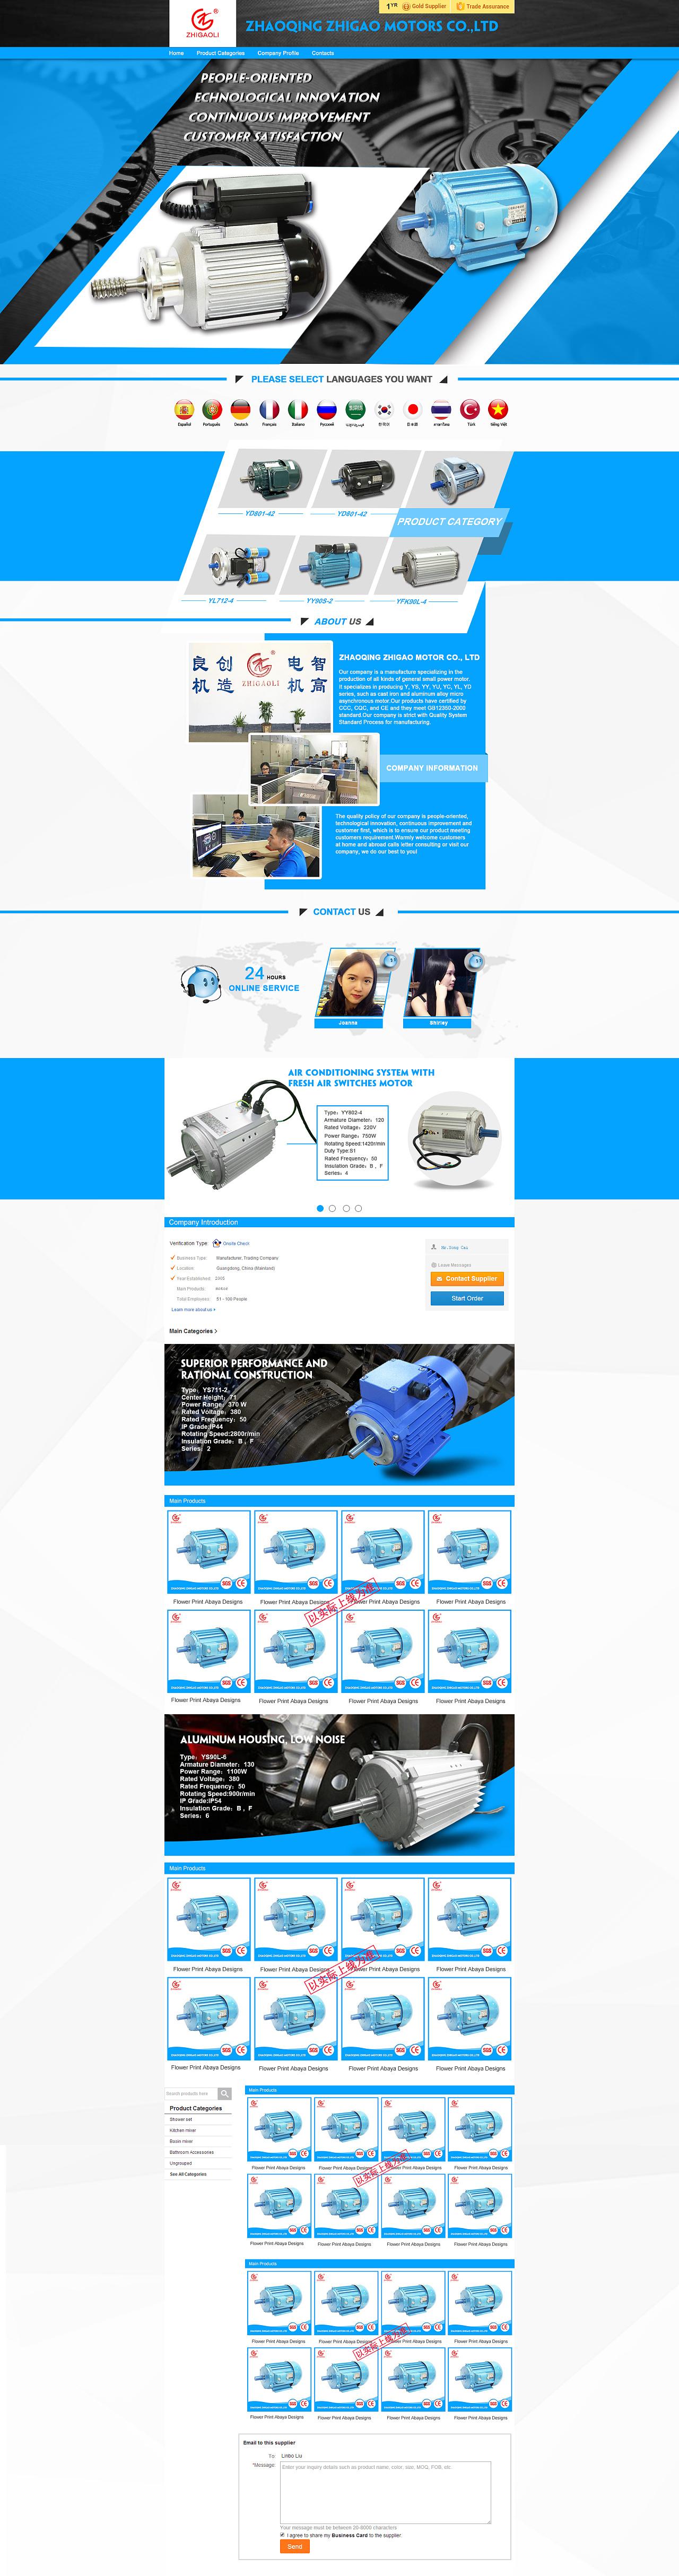 国际侦��amyi)�-f_啊里巴巴国际站首页设计